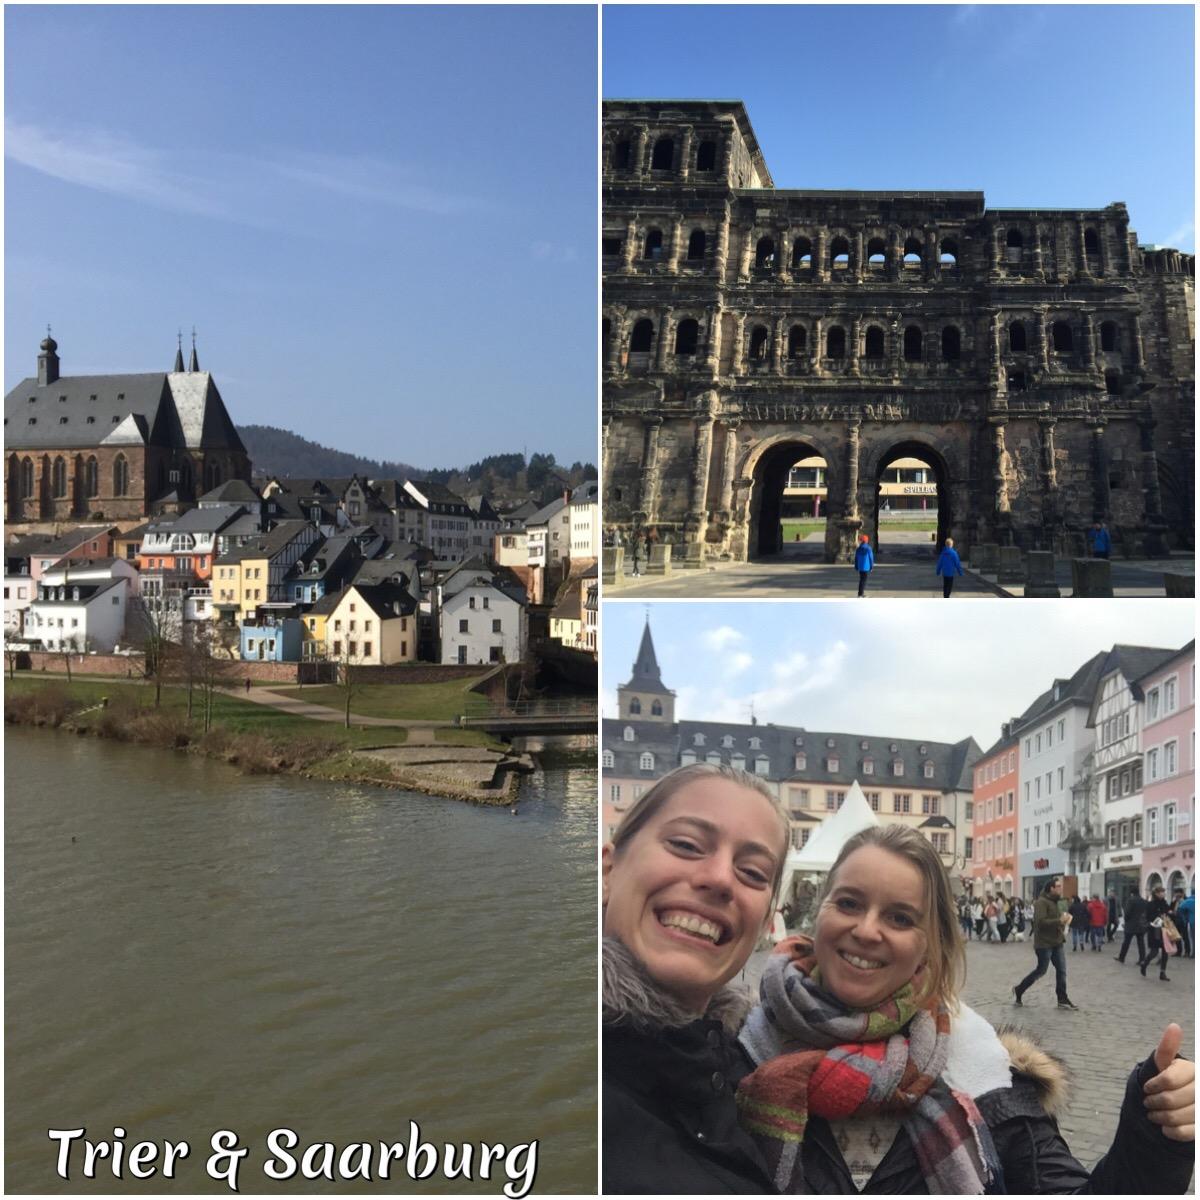 Trier en Saarburg